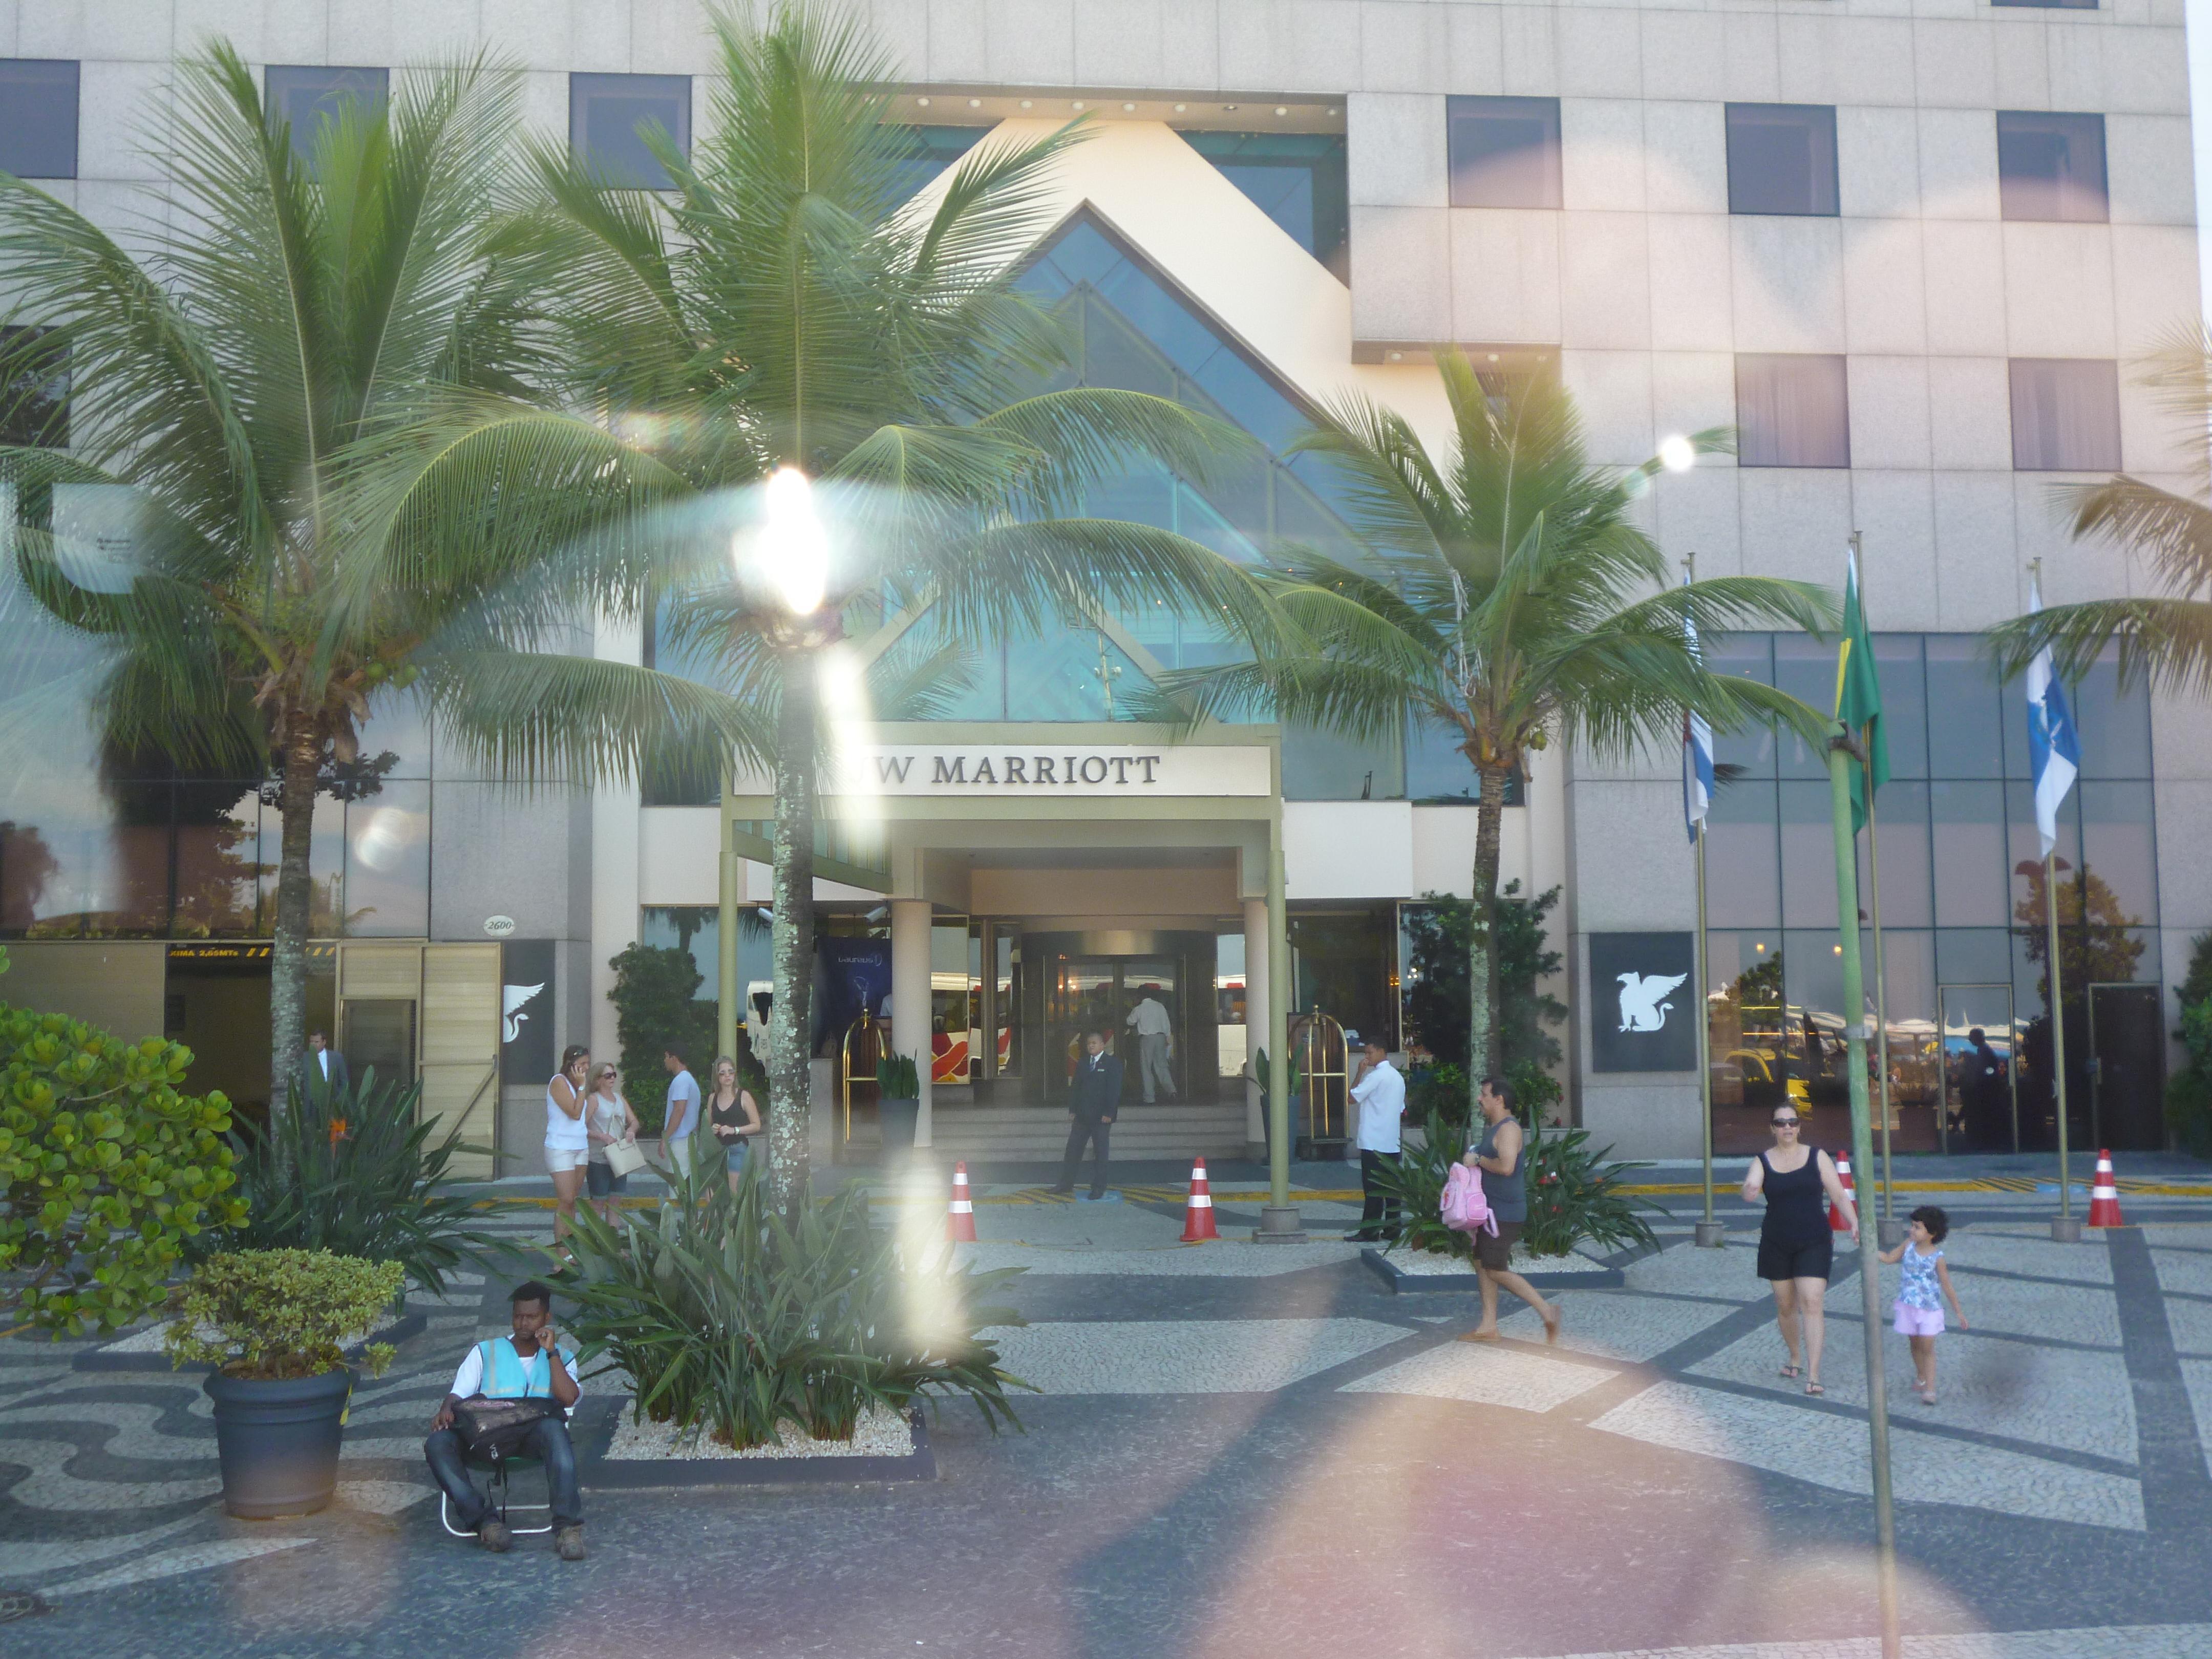 l'hotel Marriot le dimanche matin